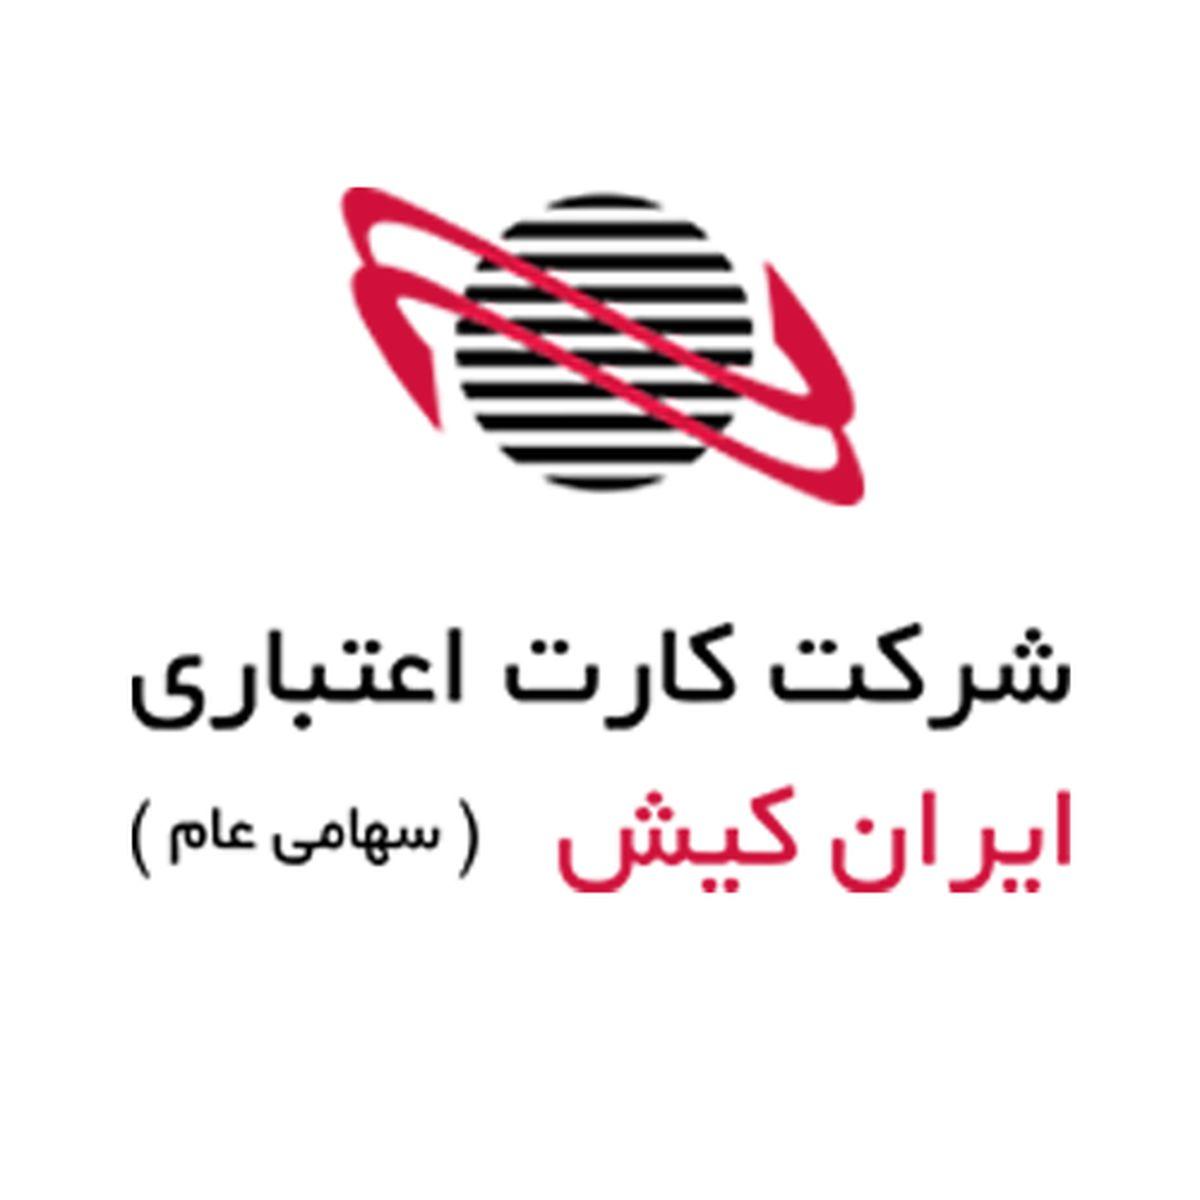 ثبت نامبیش از300 هزارنفرمشتری بانک تجارت دربسترUSSD ایران کیش